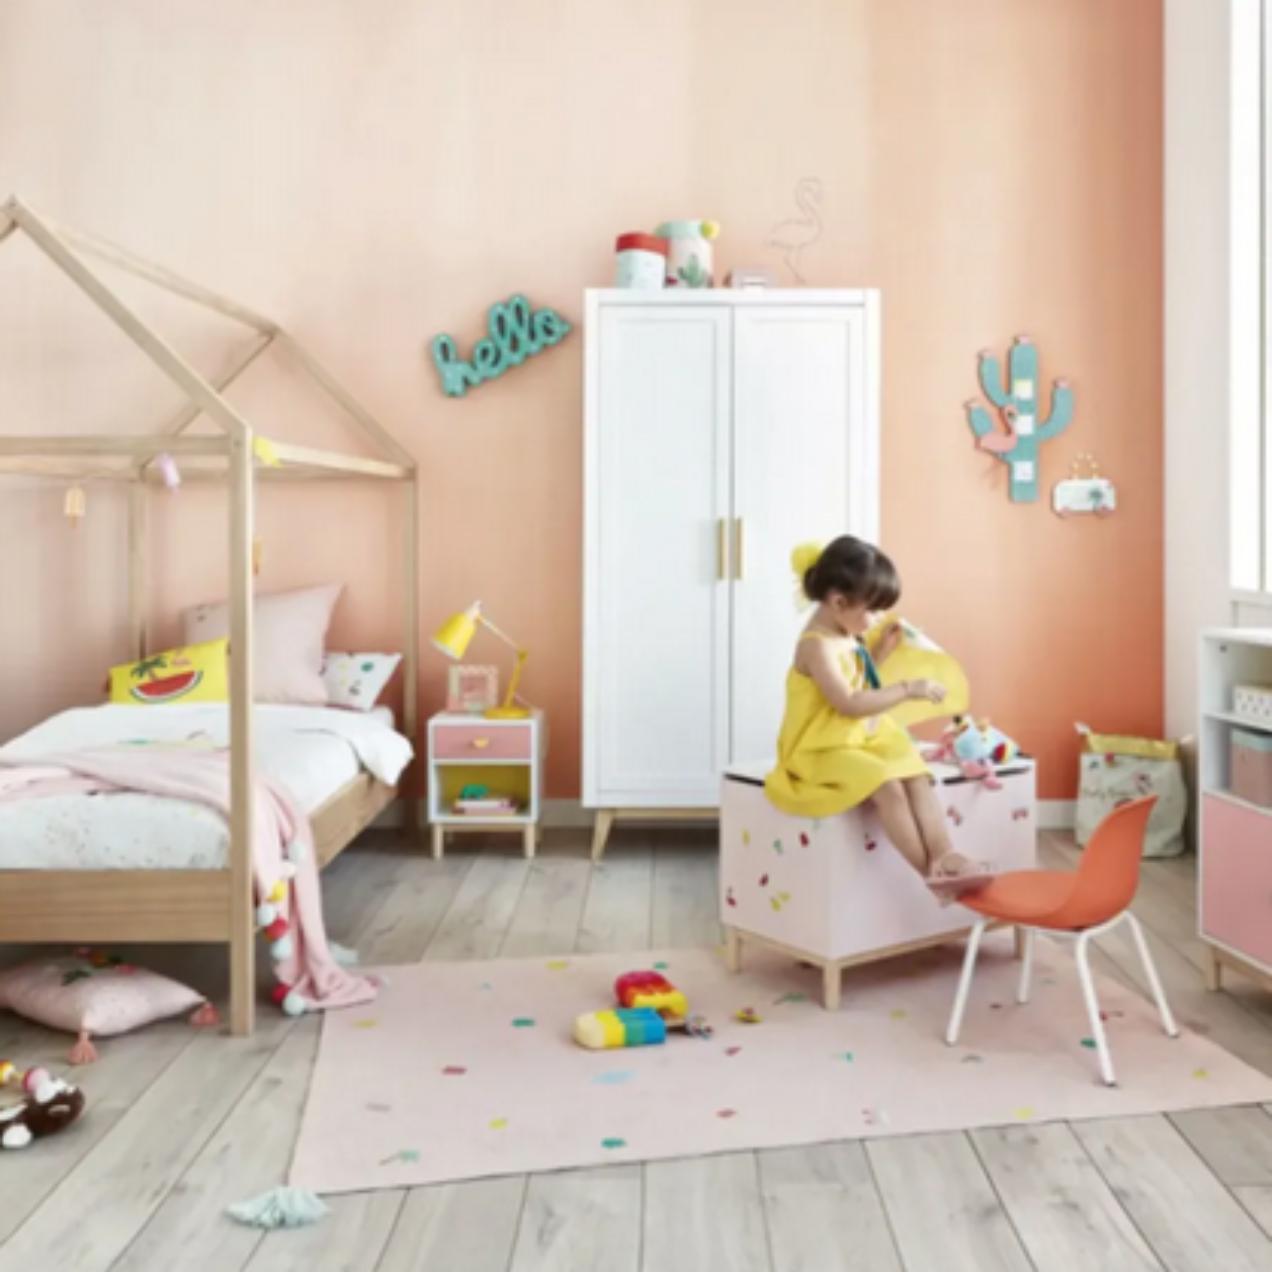 Camerette per bambini, novità e trend del momento